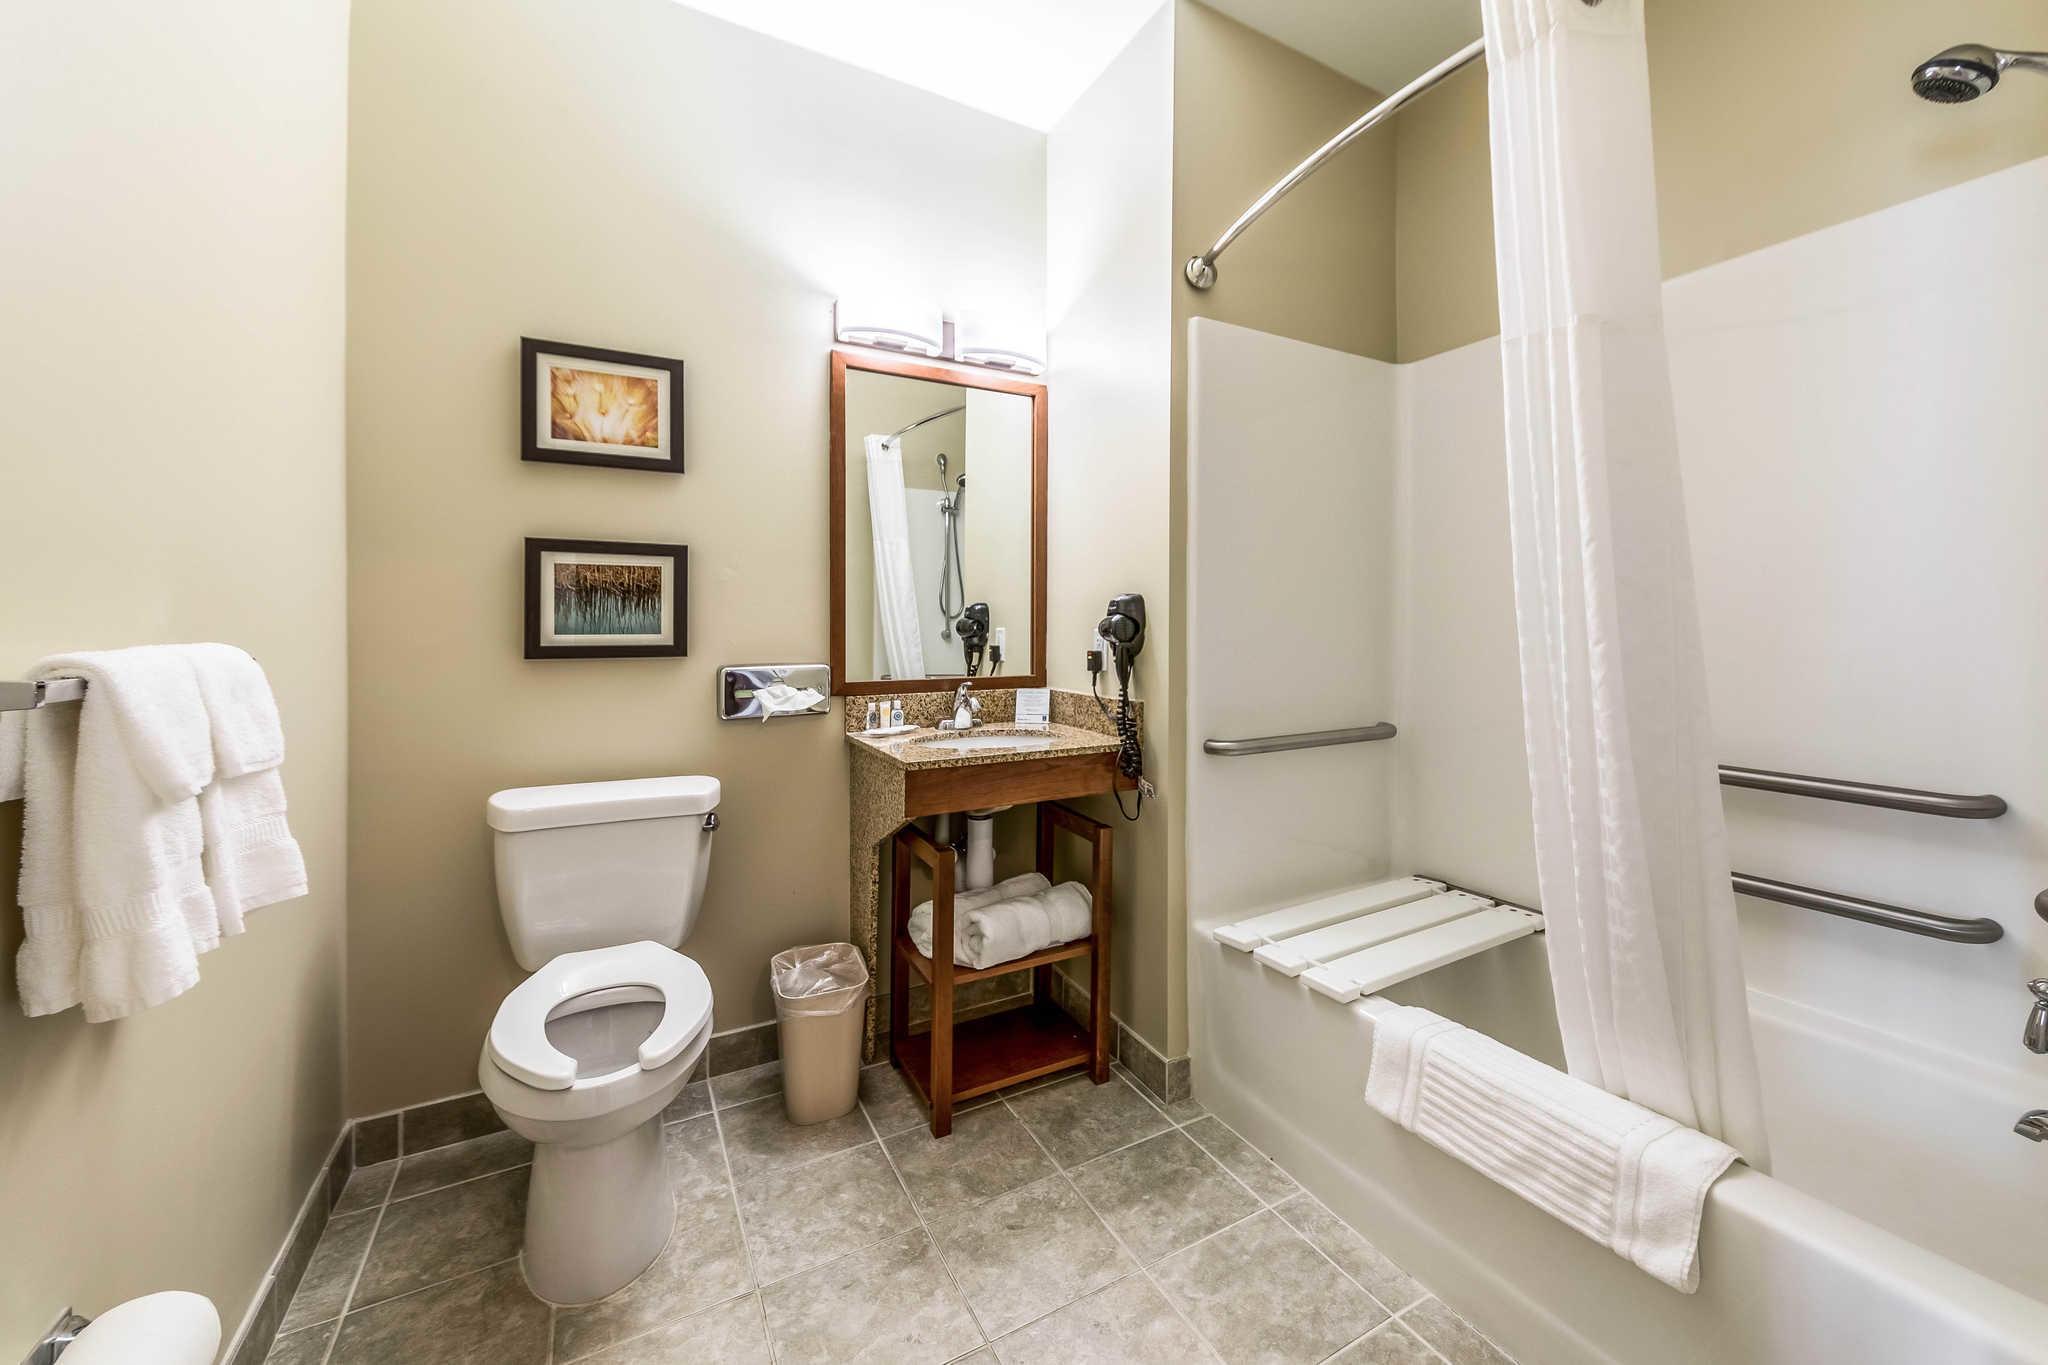 Comfort Inn & Suites Barnesville - Frackville image 26